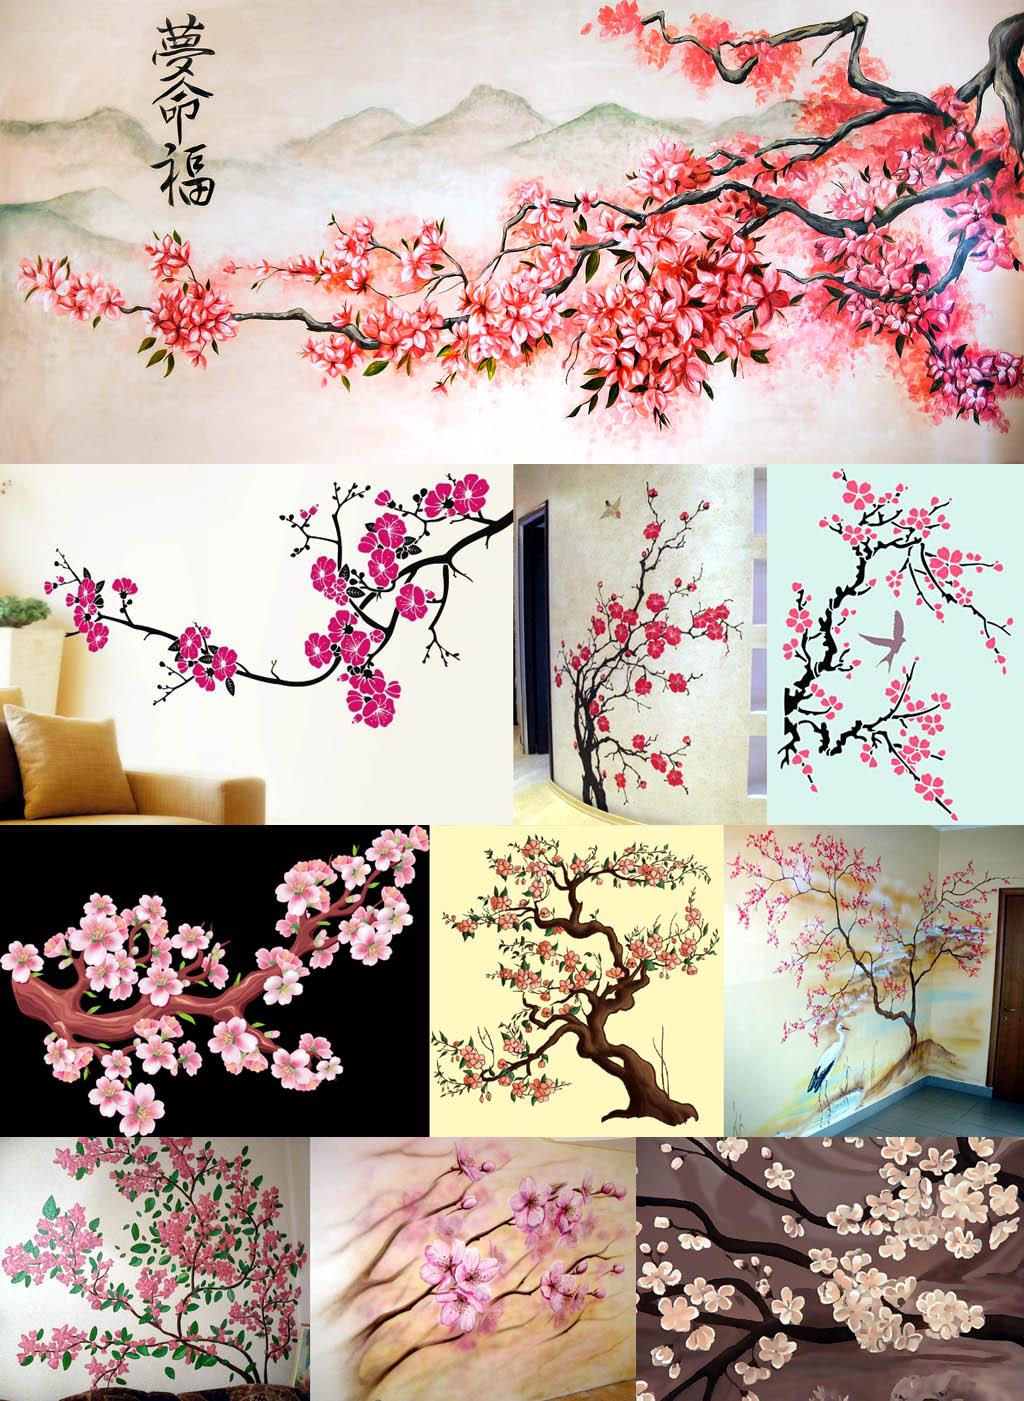 Изображения сакуры на стенах в разной манере и техниках